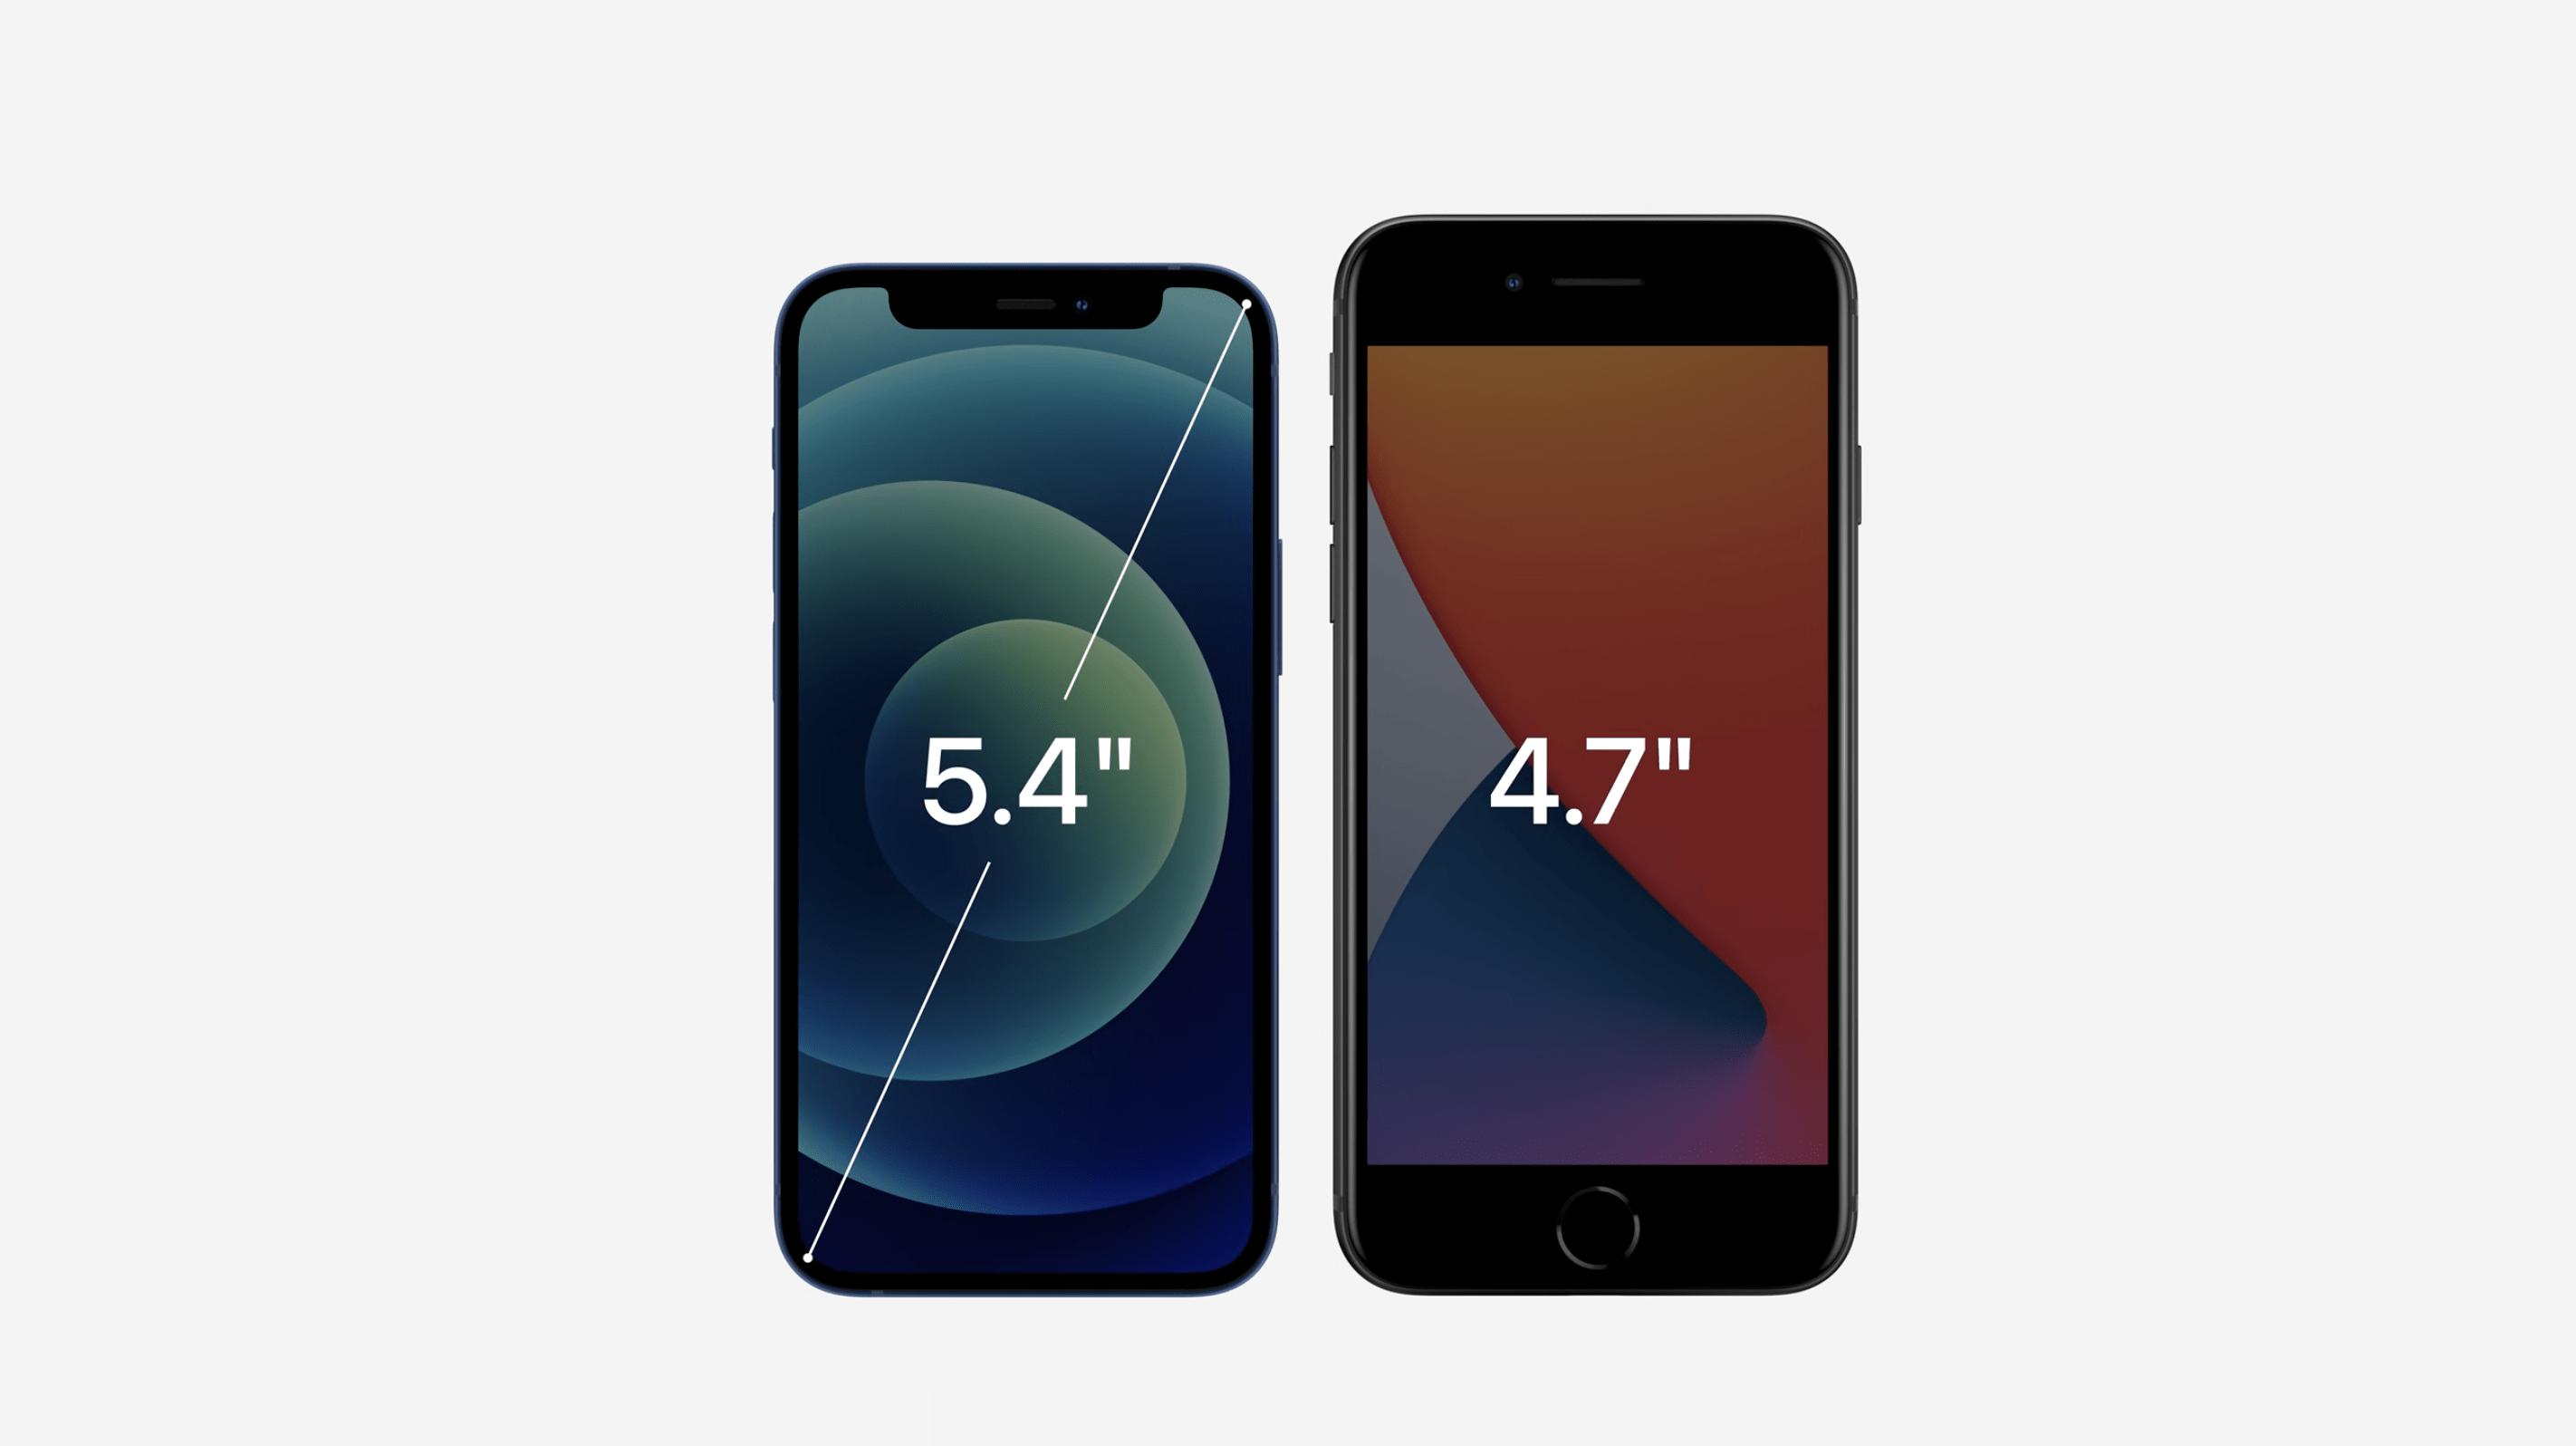 銷量慘淡!蘋果確認iPhone12mini將減產,手機還有未來嗎?